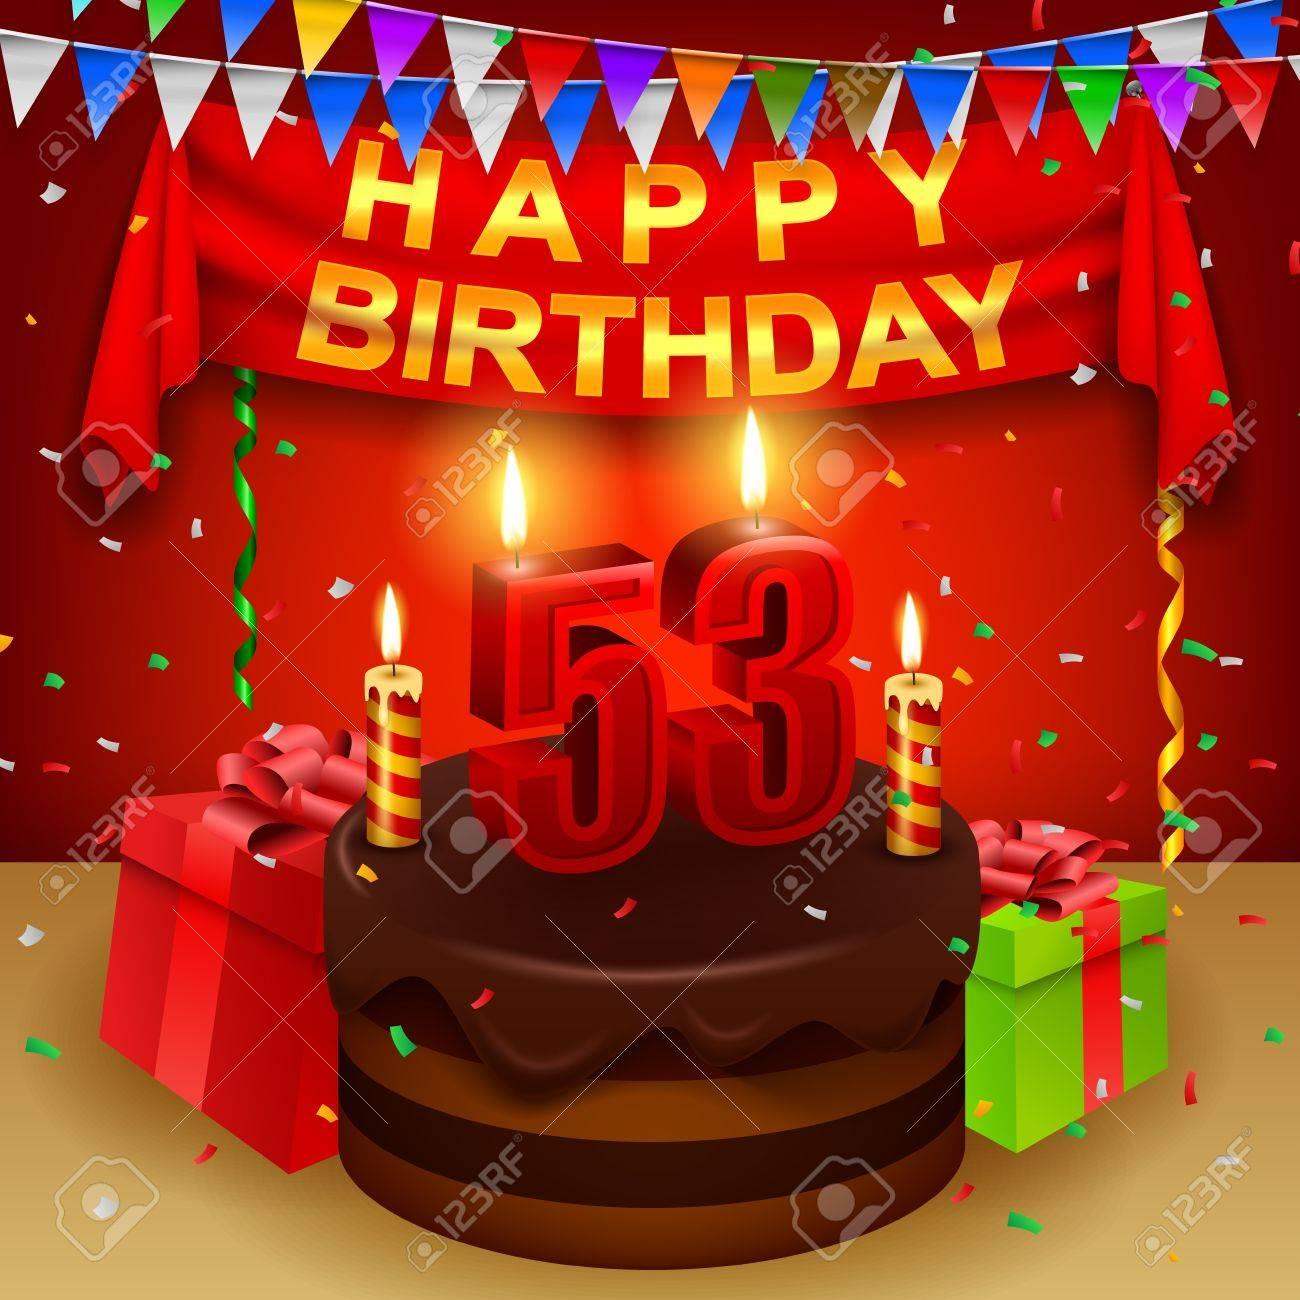 Feliz cumpleaños fabioadler 54765222-53-o-cumplea-os-feliz-con-la-torta-de-crema-de-chocolate-y-una-bandera-triangular-Foto-de-archivo